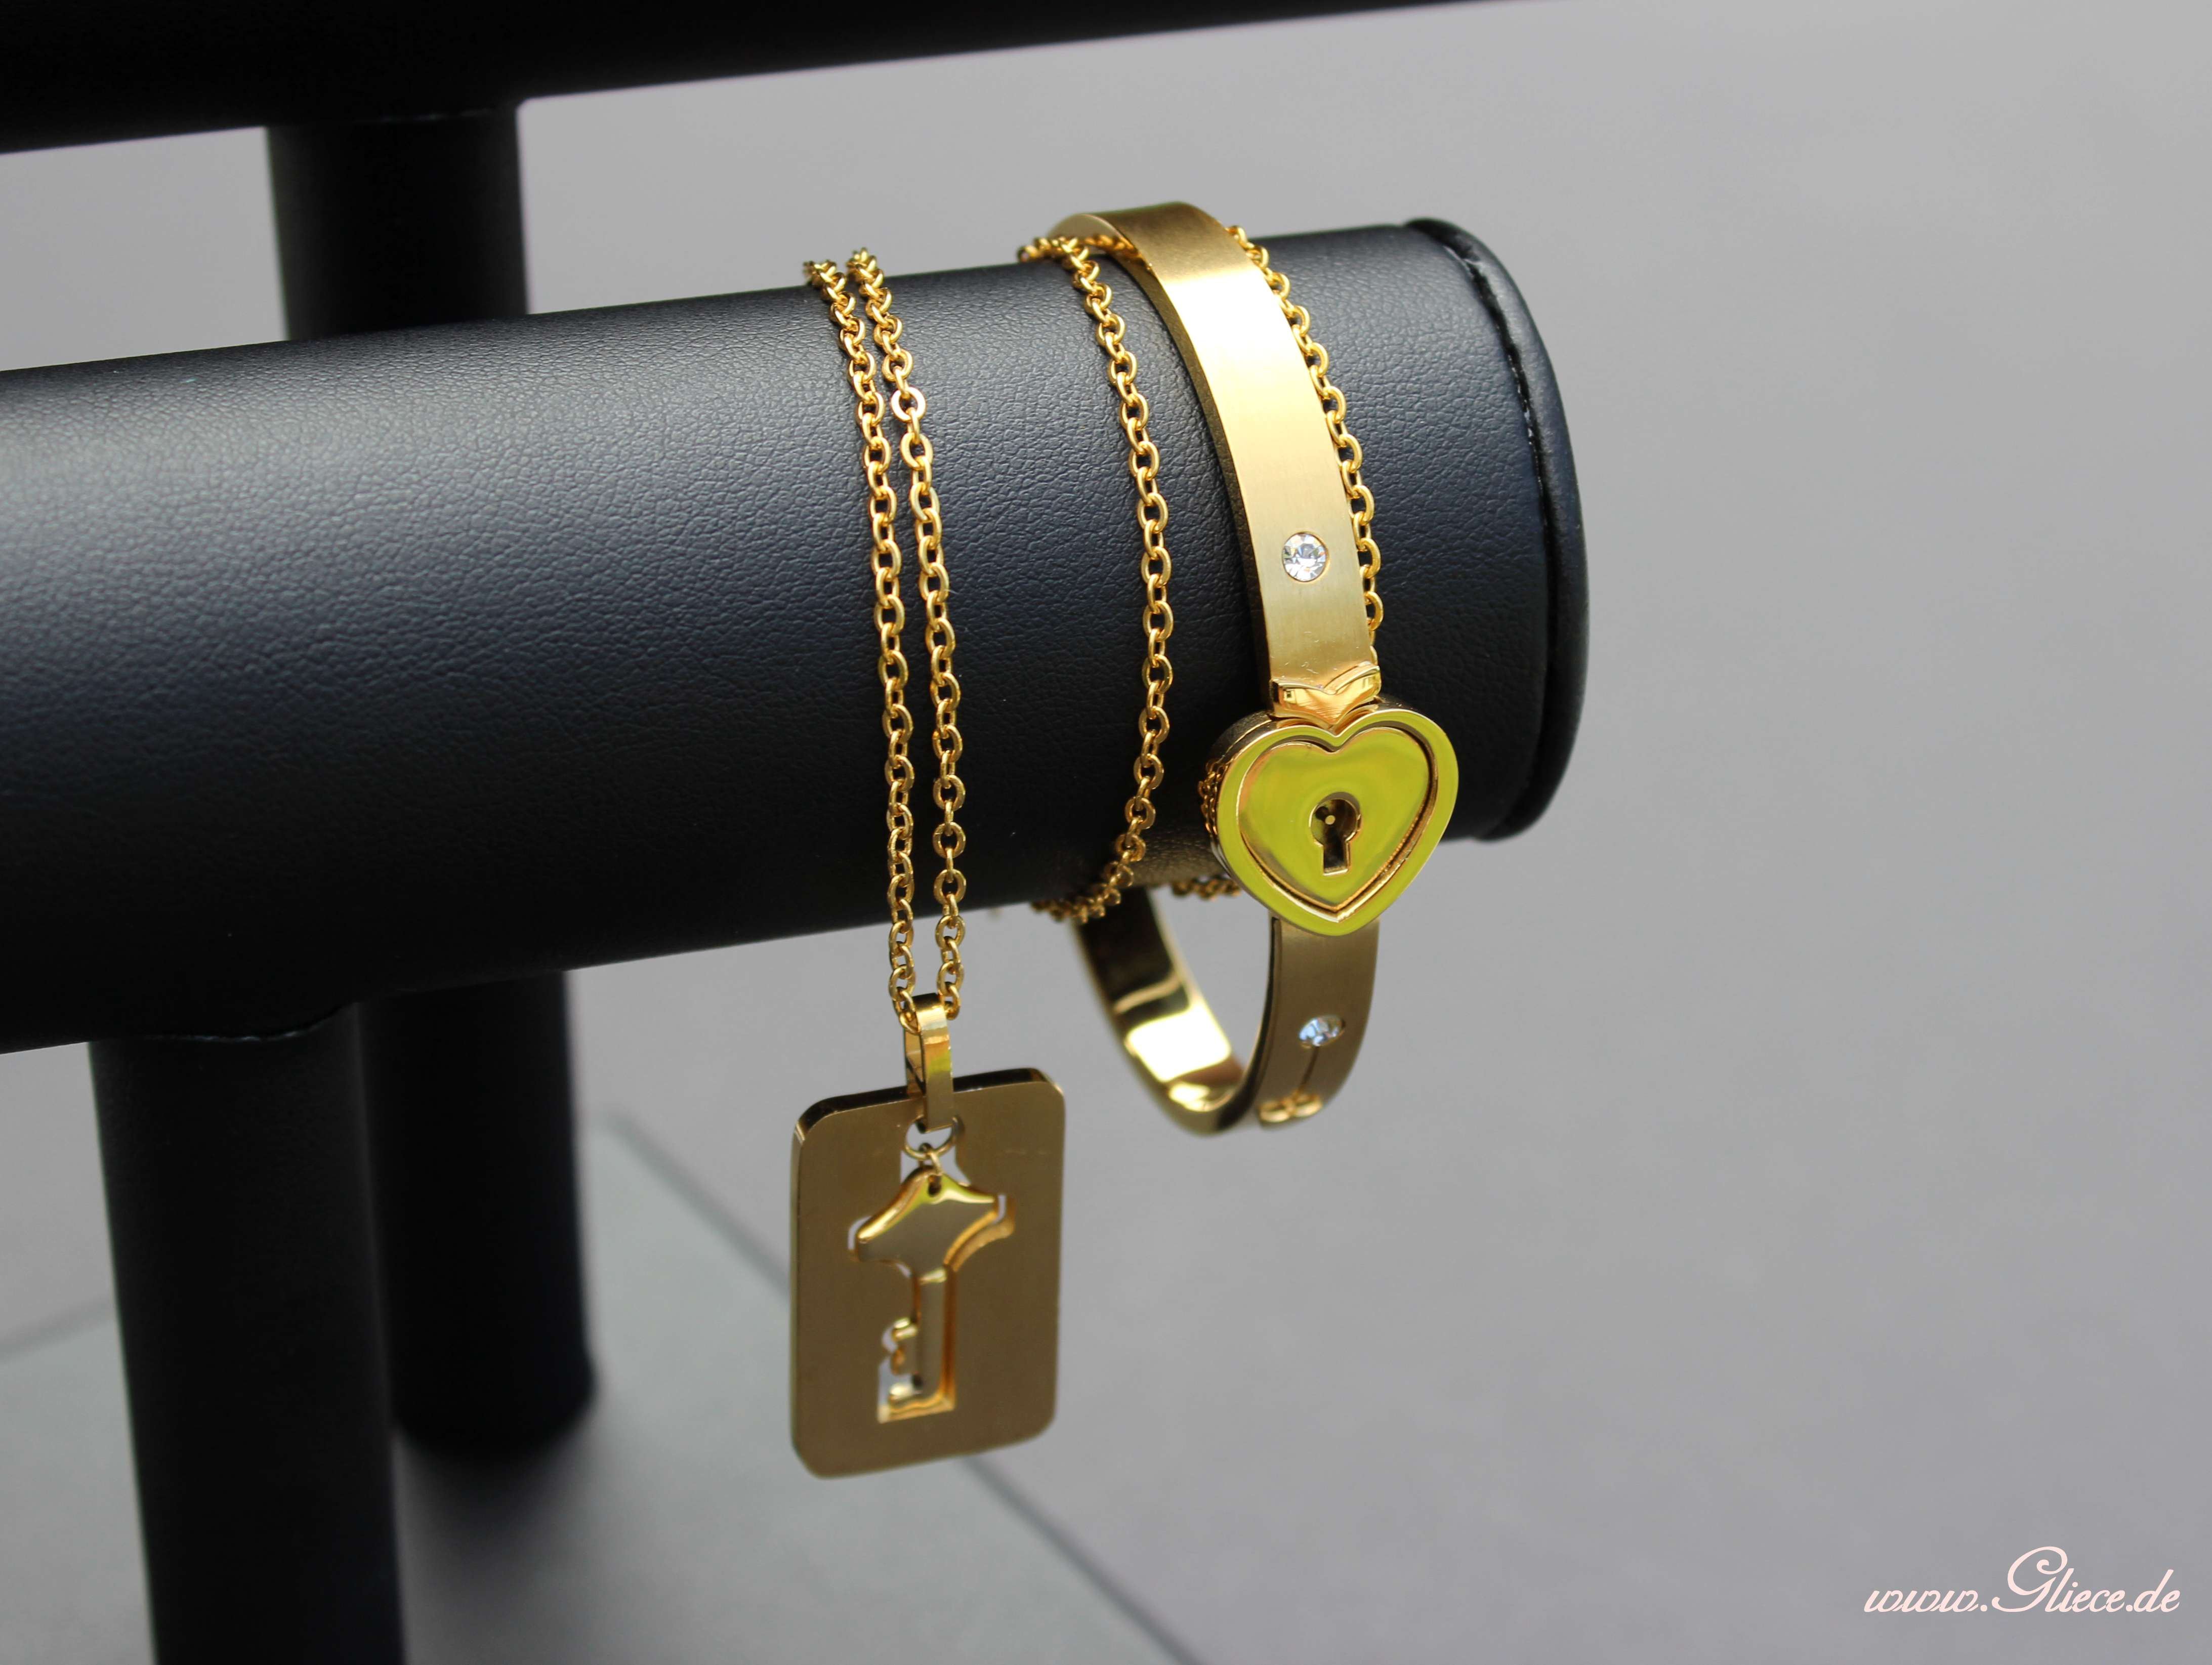 edelstahl armband mit entsprechender kette. Black Bedroom Furniture Sets. Home Design Ideas